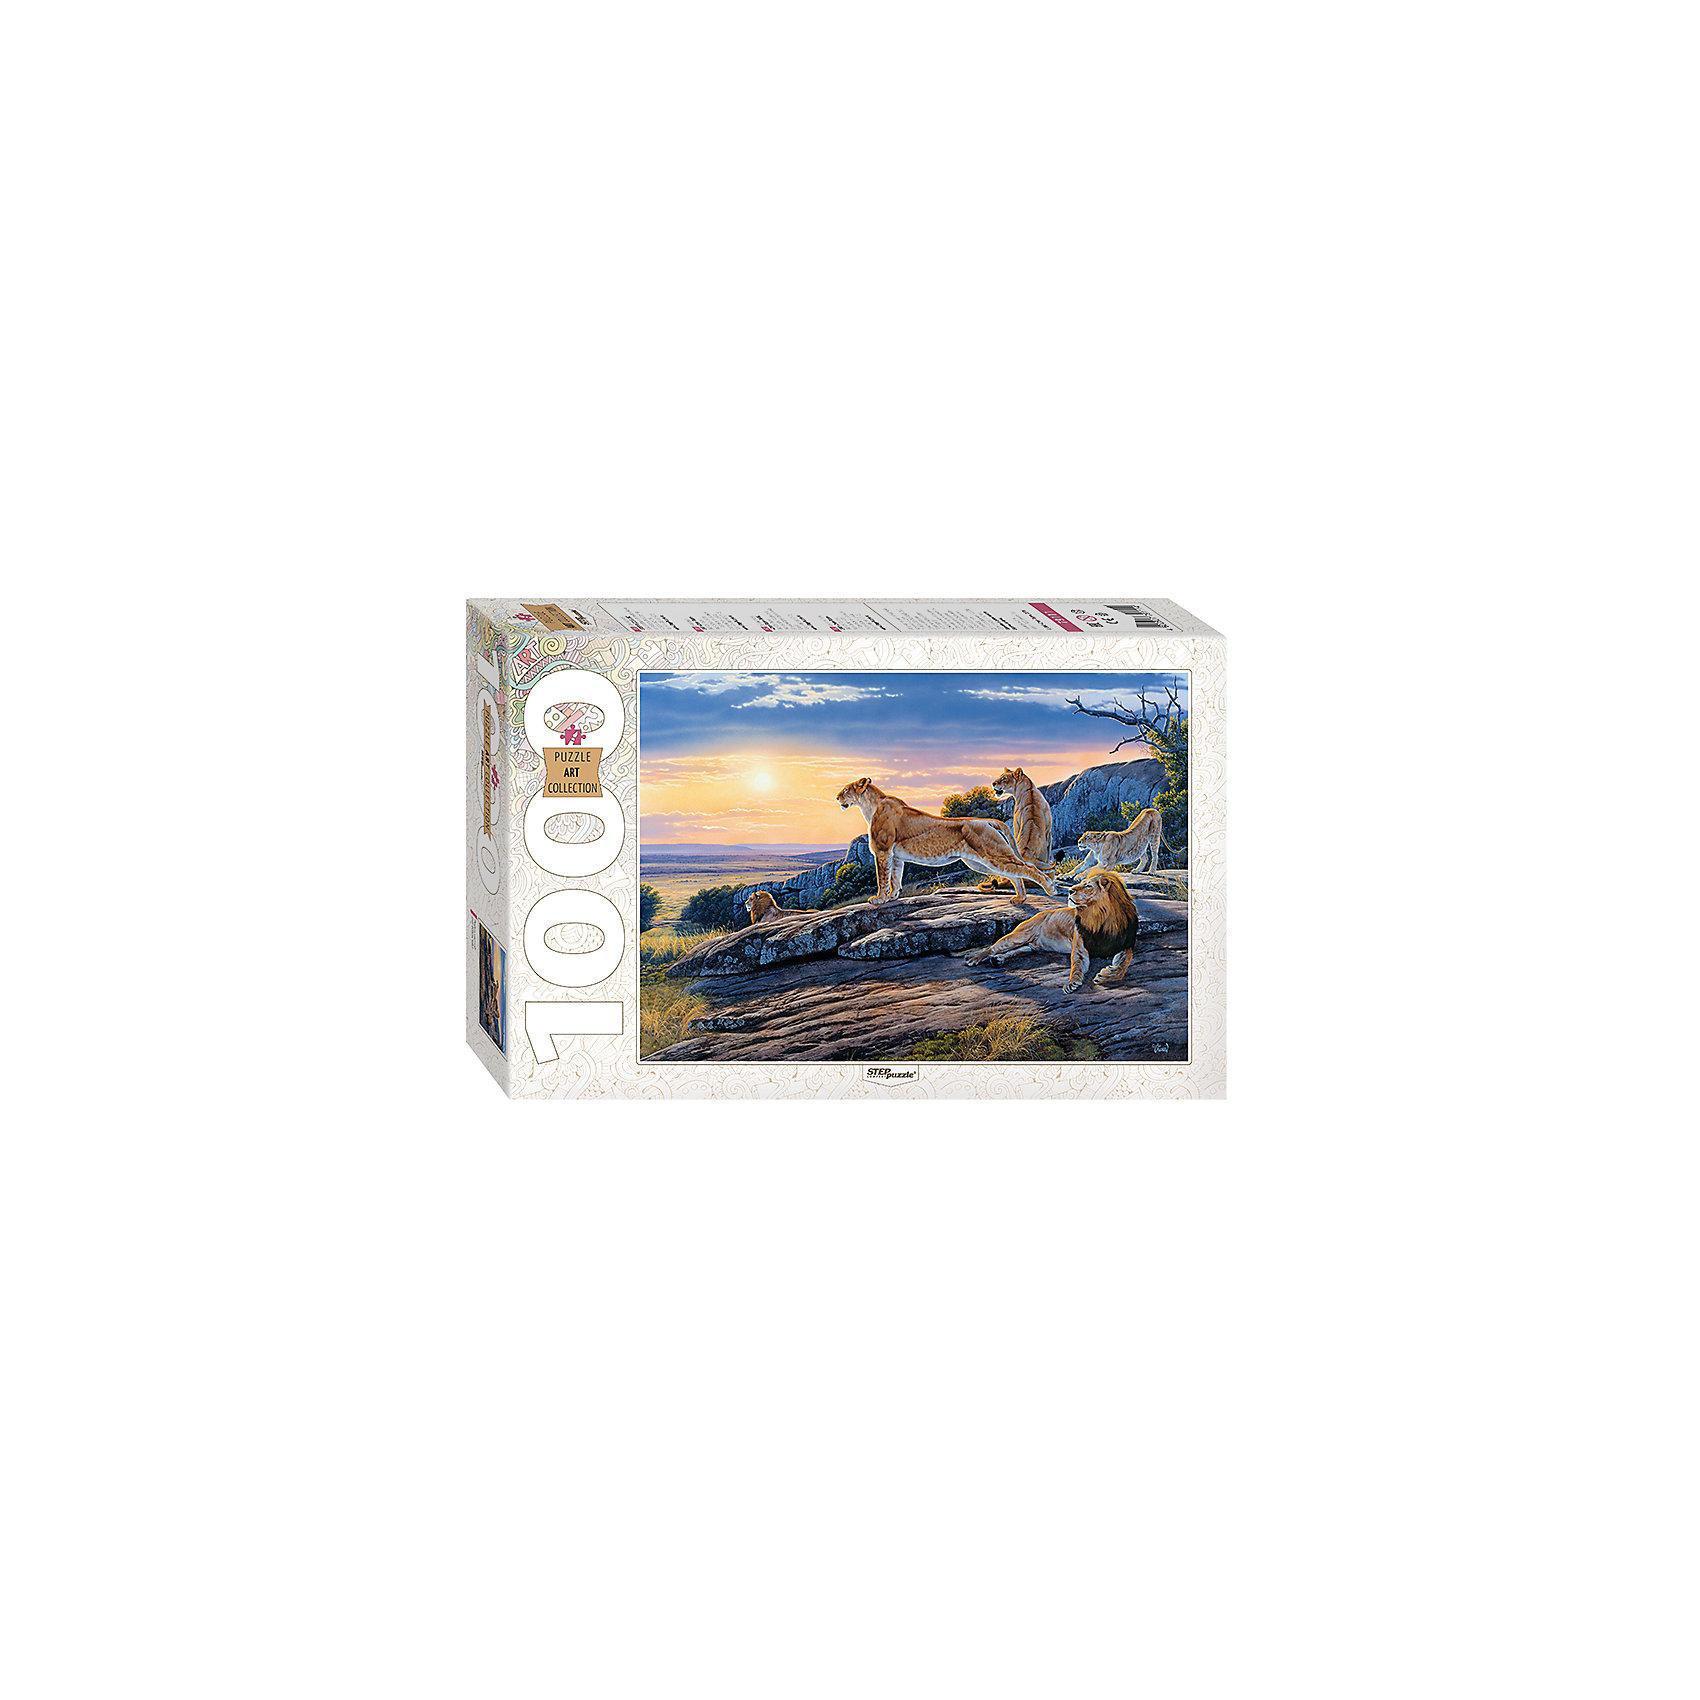 Пазл Перед охотой, 1000 деталей, Step PuzzleПазлы для детей постарше<br>Характеристики товара:<br><br>- цвет: разноцветный;<br>- материал: картон;<br>- деталей: 1000;<br>- высокая точность подгонки элементов;<br>- отличное качество печати;<br>- упаковка: коробка.<br><br>Собирать пазлы любят и дети, и взрослые! Это занятие может не только позволять весело проводить время, но и помогать всестороннему развитию ребенка. Изделие представляет собой детали, из которых нужно собрать очень красивую картинку. Все детали отлично проработаны, готовое изображение можно даже зафиксировать на бумаге и украсить им интерьер!<br>Собирание пазлов поможет формированию разных навыков, оно помогает развить тактильное восприятие, мелкую моторику, воображение, внимание и логику. Изделие произведено из качественных материалов, безопасных для ребенка. Набор станет отличным подарком детям!<br><br>Пазл Перед охотой, 1000 деталей, от бренда Step Puzzle можно купить в нашем интернет-магазине.<br><br>Ширина мм: 400<br>Глубина мм: 270<br>Высота мм: 55<br>Вес г: 780<br>Возраст от месяцев: 84<br>Возраст до месяцев: 180<br>Пол: Унисекс<br>Возраст: Детский<br>SKU: 5138169